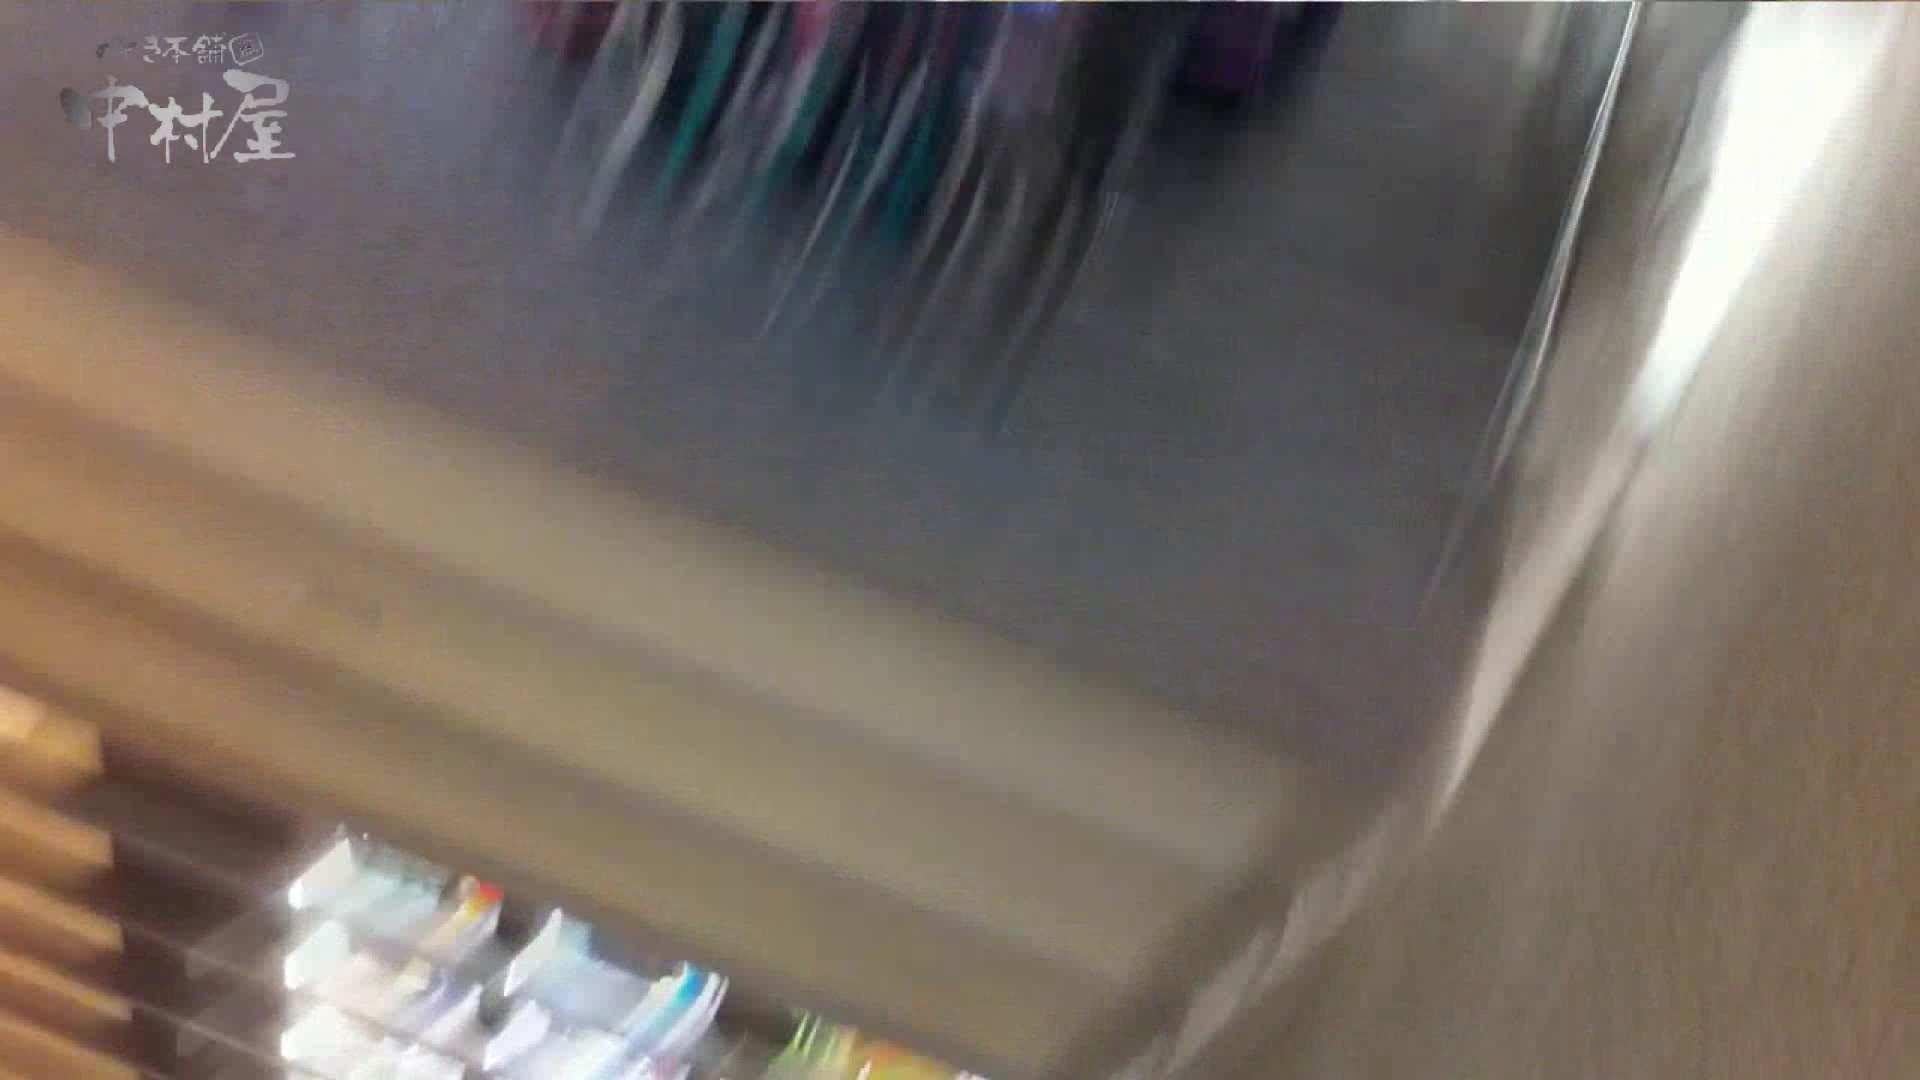 vol.77 美人アパレル胸チラ&パンチラ 緑のワンピにせまってみたw 新入生パンチラ スケベ動画紹介 107pic 3